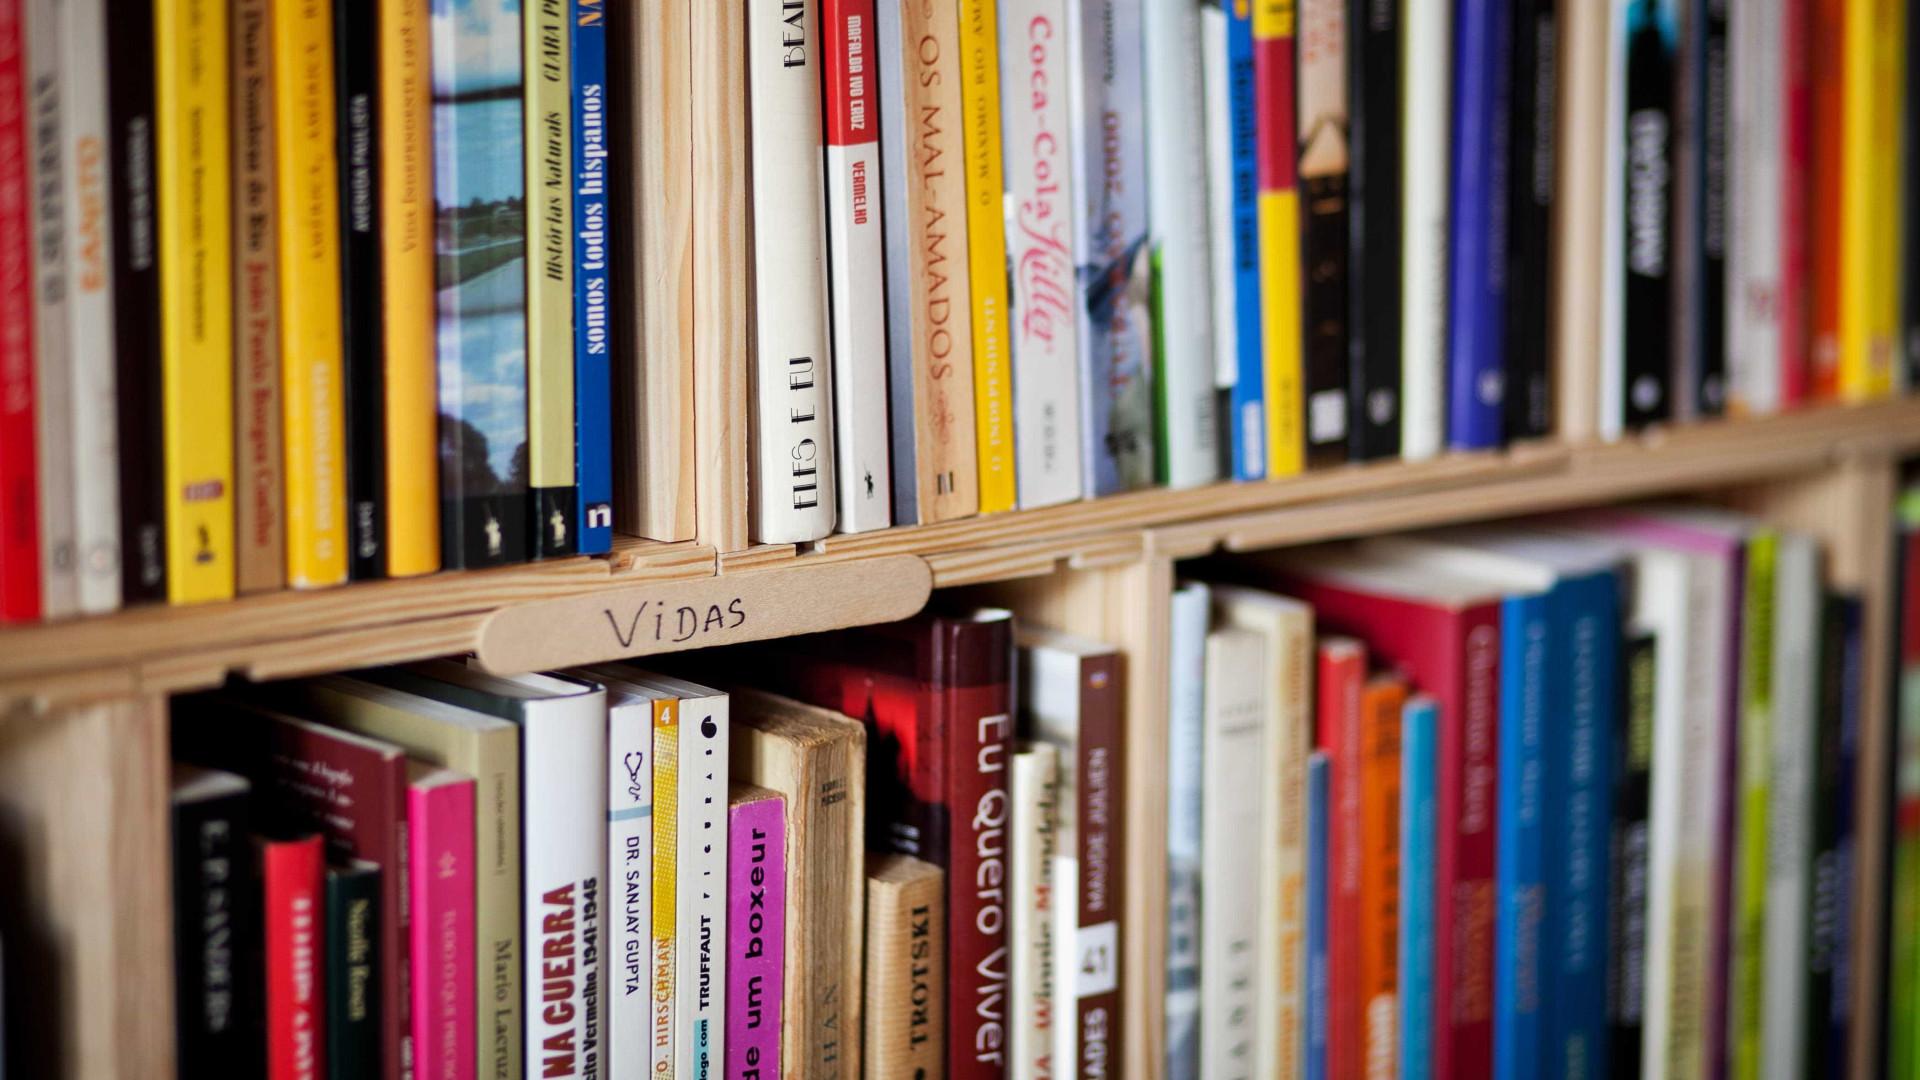 7218f237743 Partilha gratuita de livros através de plataforma online a partir de hoje